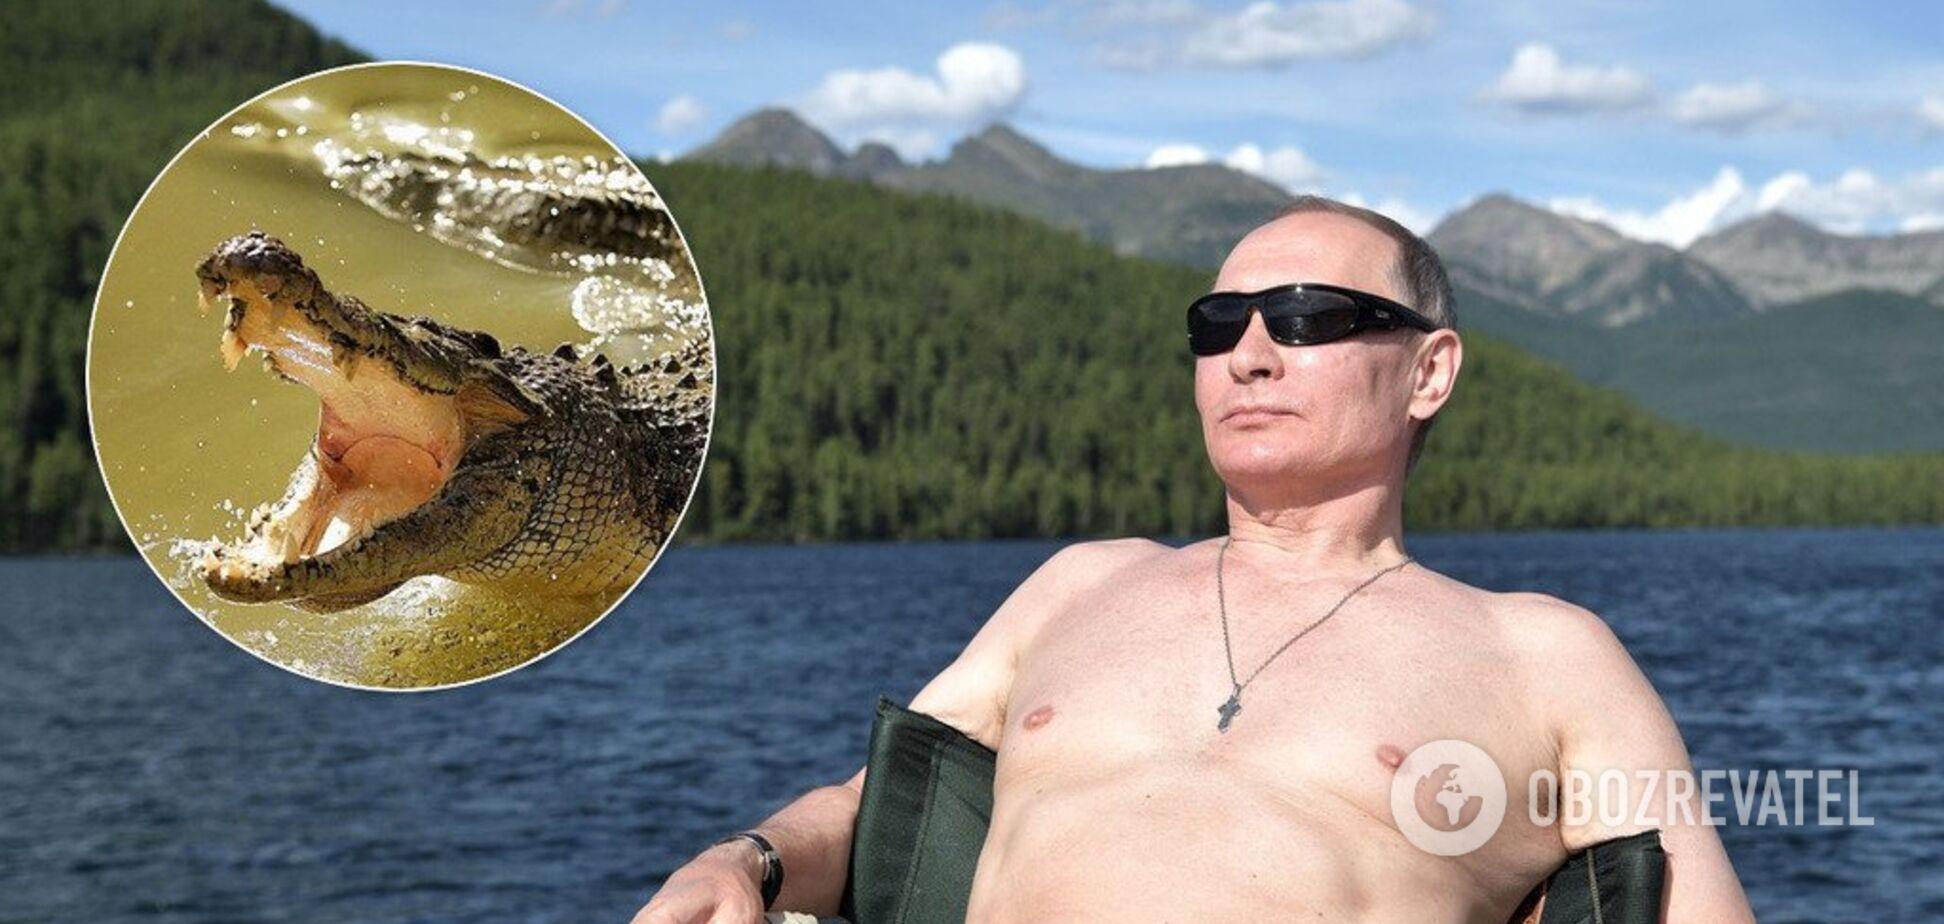 'Надо дать по носу': оппозиционер сравнил Путина с крокодилом